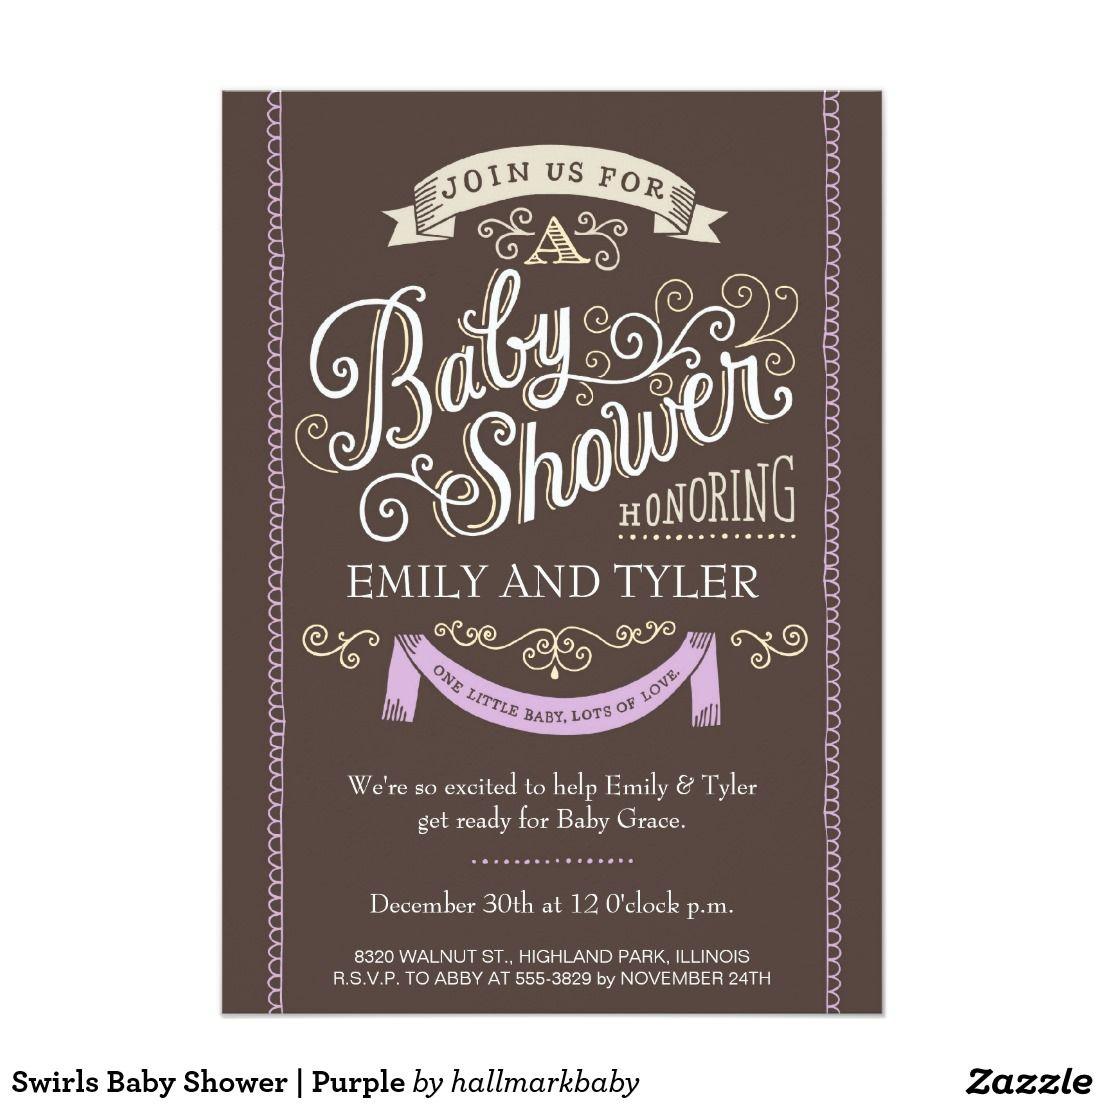 Swirls Baby Shower Purple Card Artwork Designed By Hallmark Baby